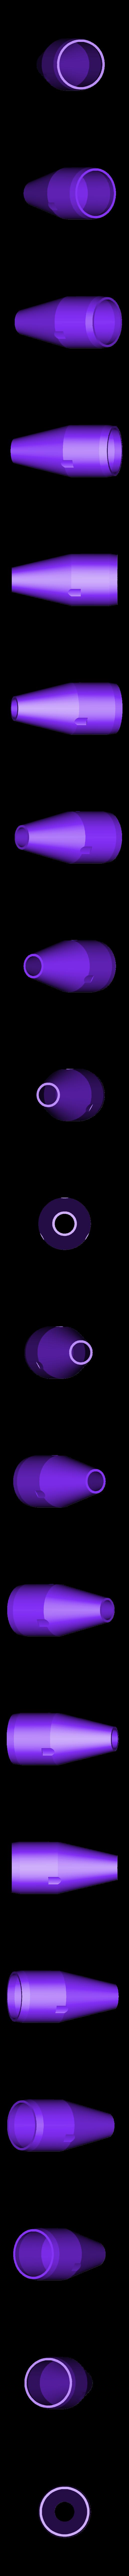 cone.stl Télécharger fichier STL Fusée M72 • Design pour imprimante 3D, Punisher_4u